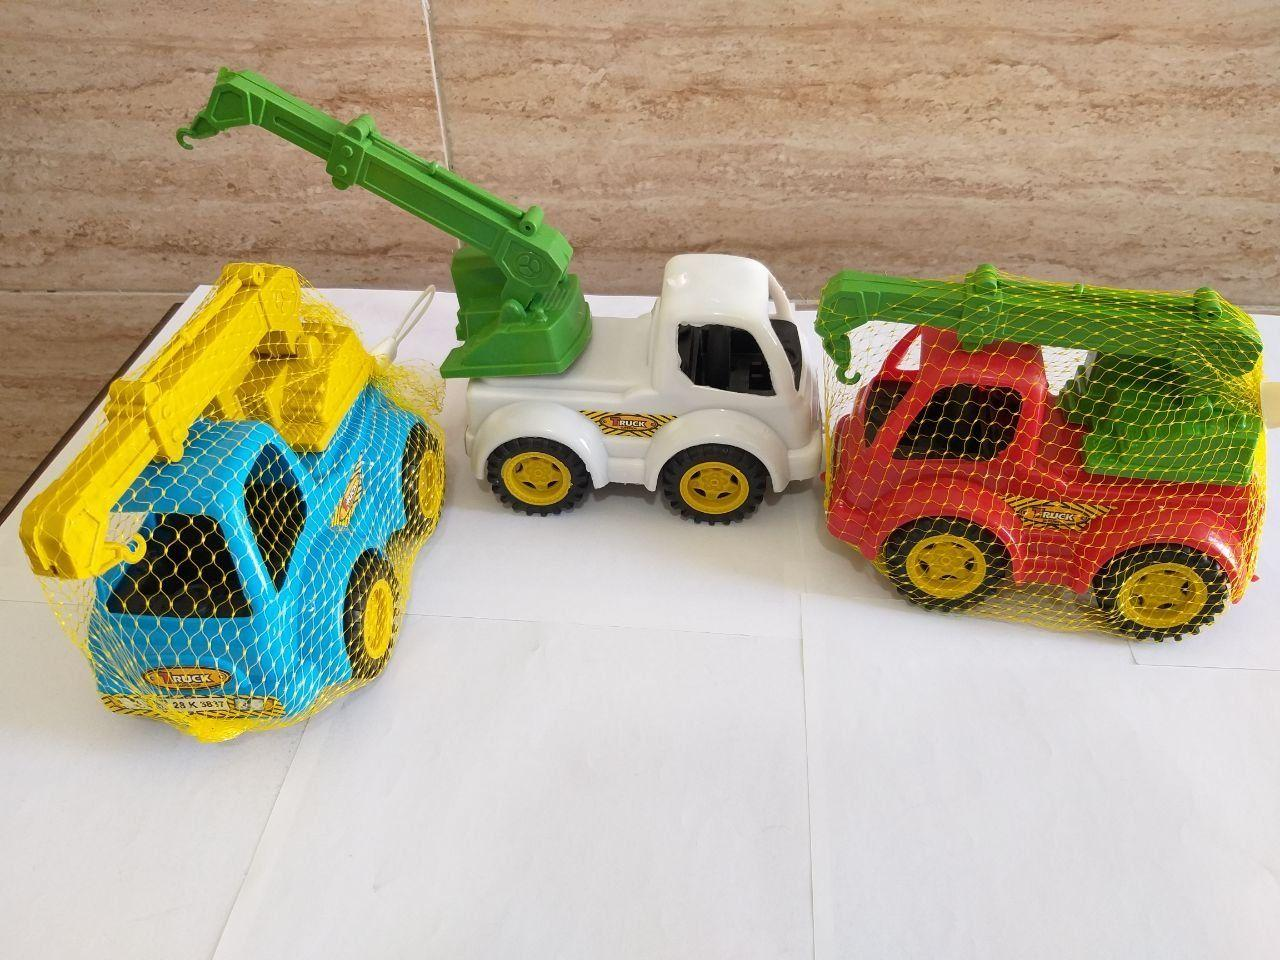 جرثقیل آراد --- عمده فروشی اسباب بازی --- پخش اسباب بازی ایرانی